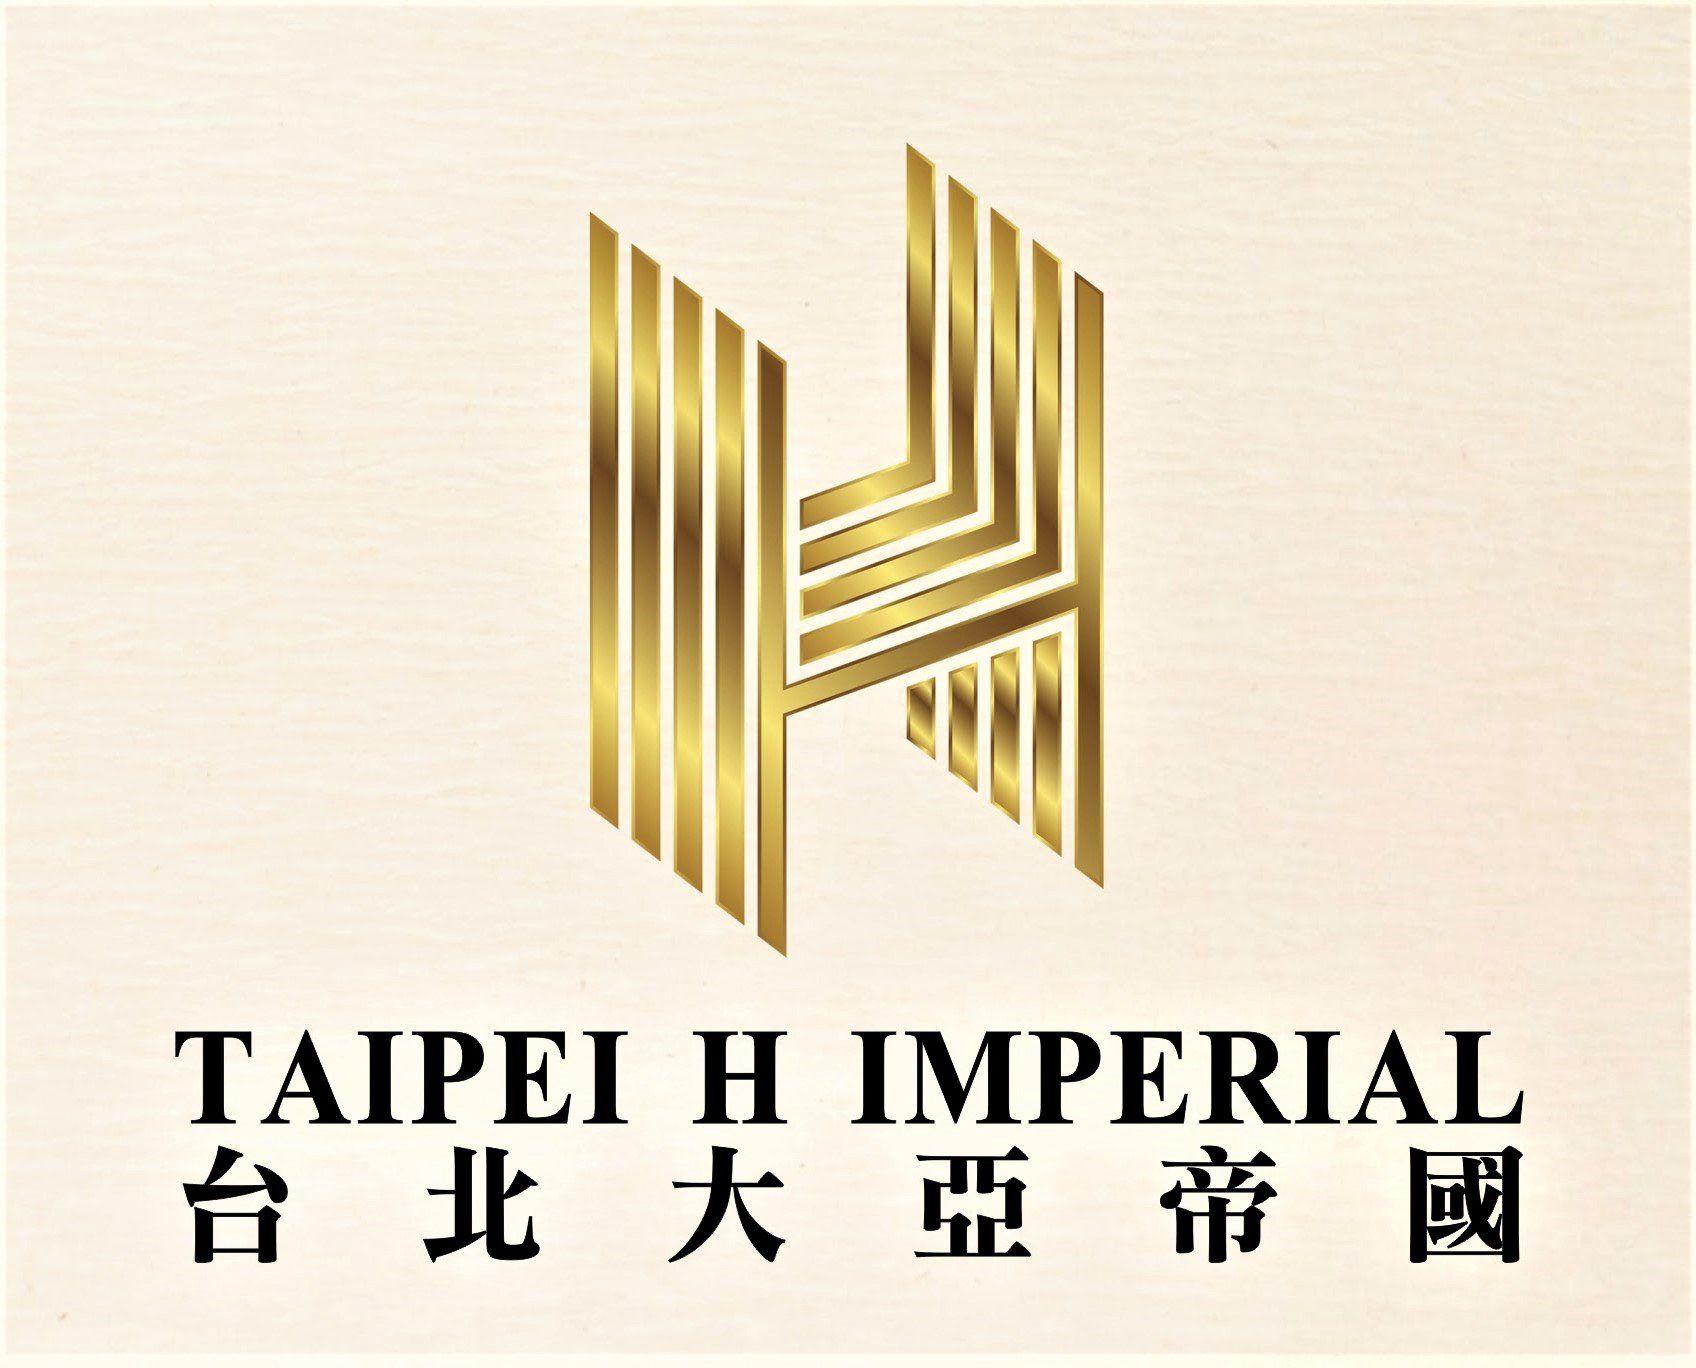 台北大亞帝國H